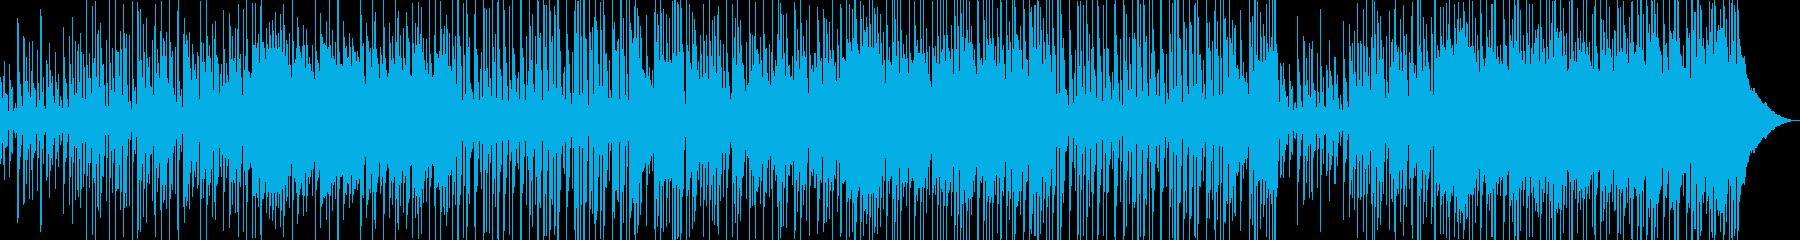 刻まれるリズムが心地よいポップロックの再生済みの波形